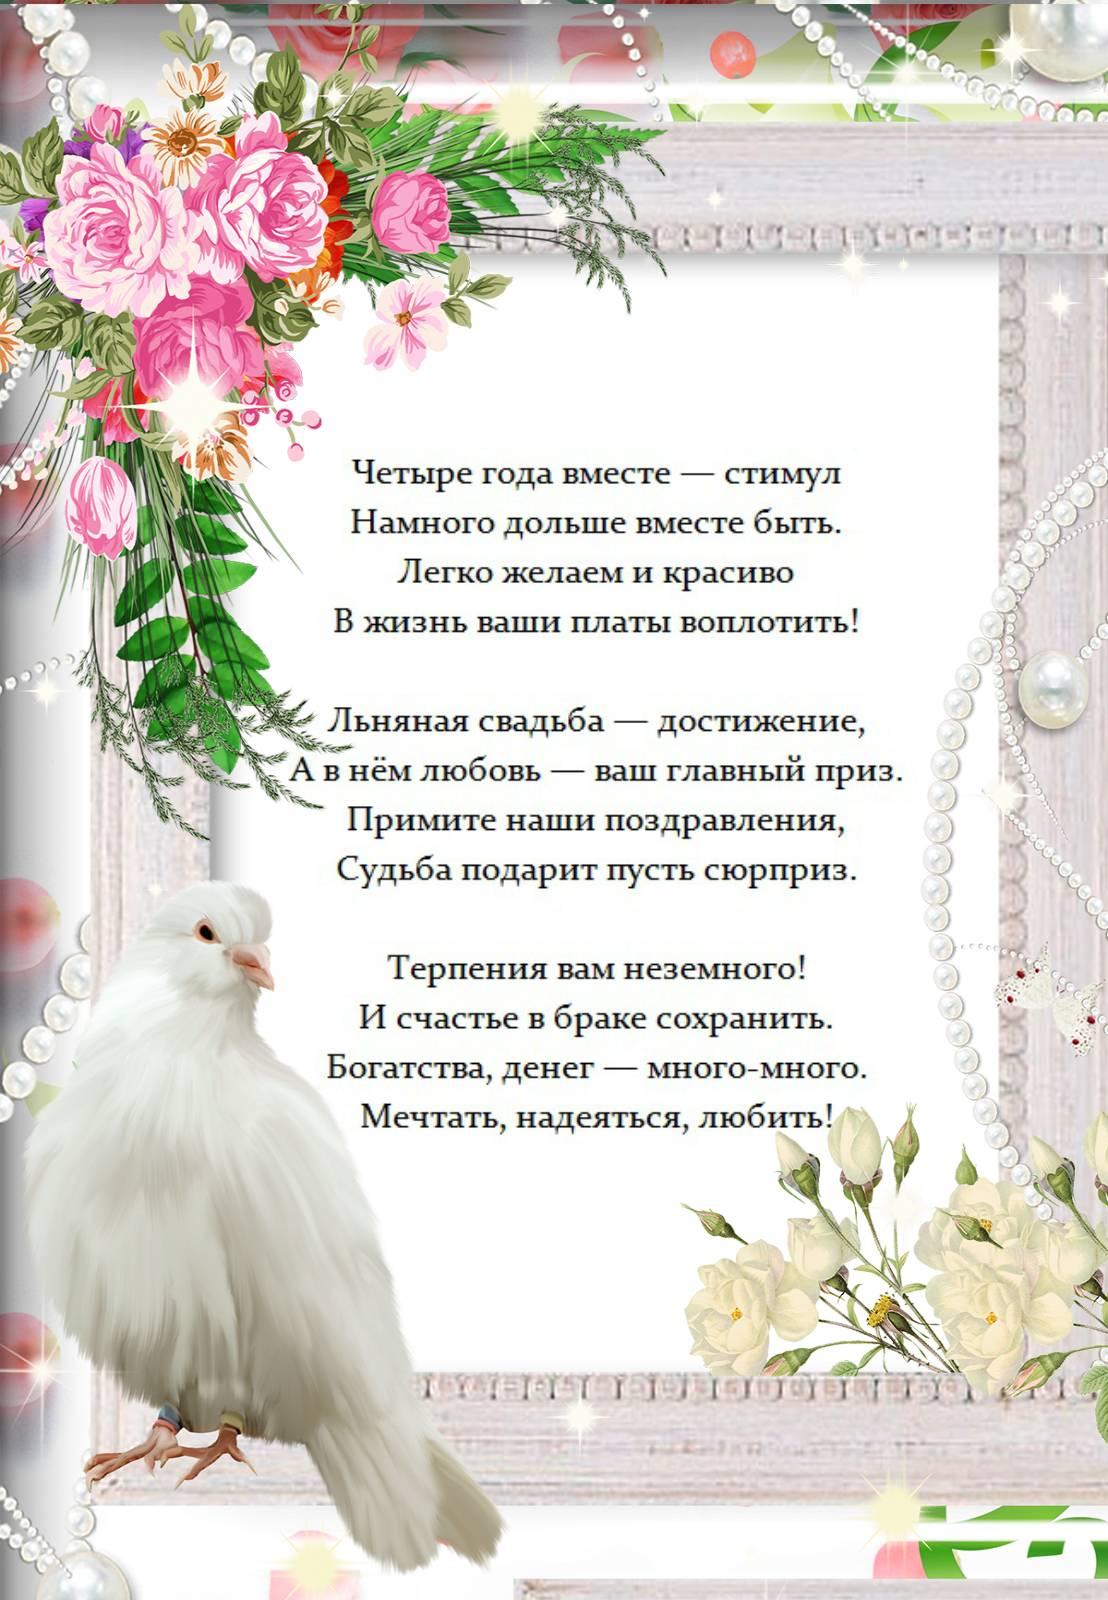 4 года совместной жизни какая свадьба поздравления. красивые поздравления с льняной свадьбой в стихах